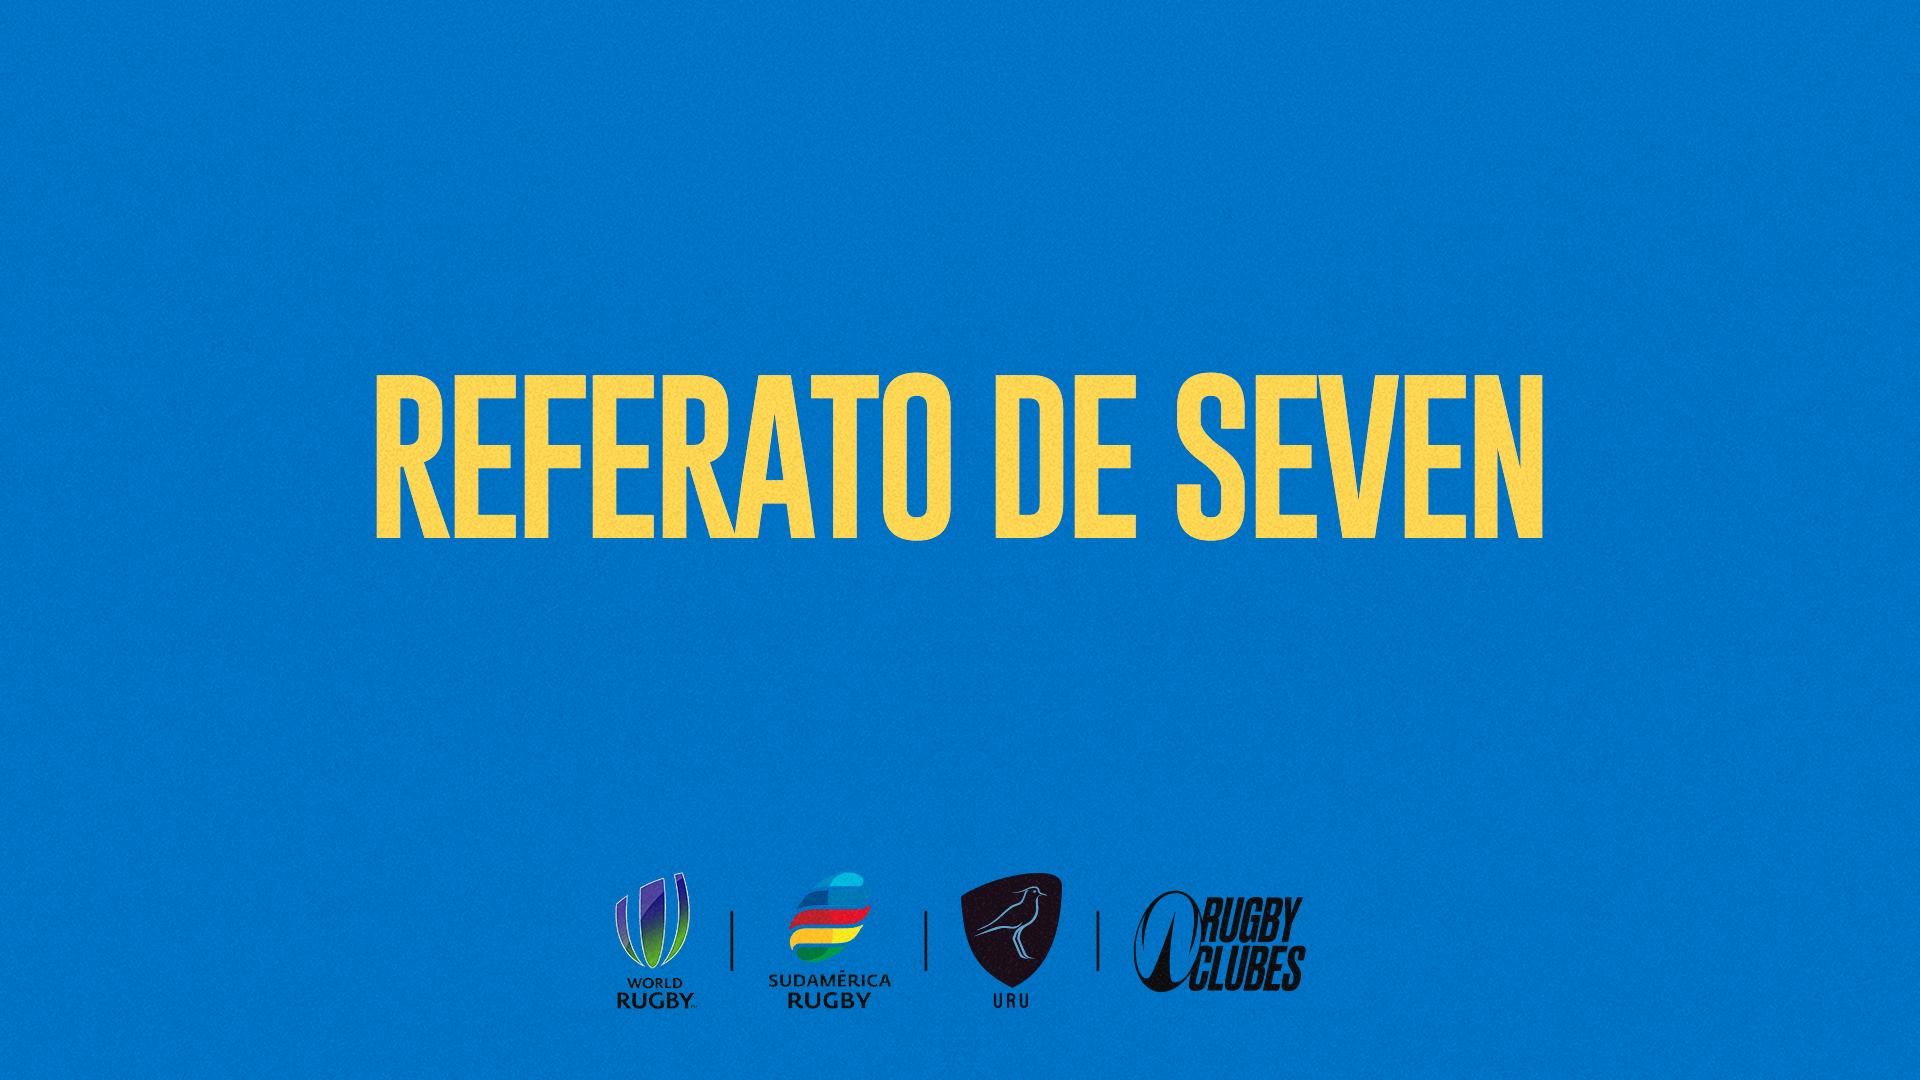 Referato Seven